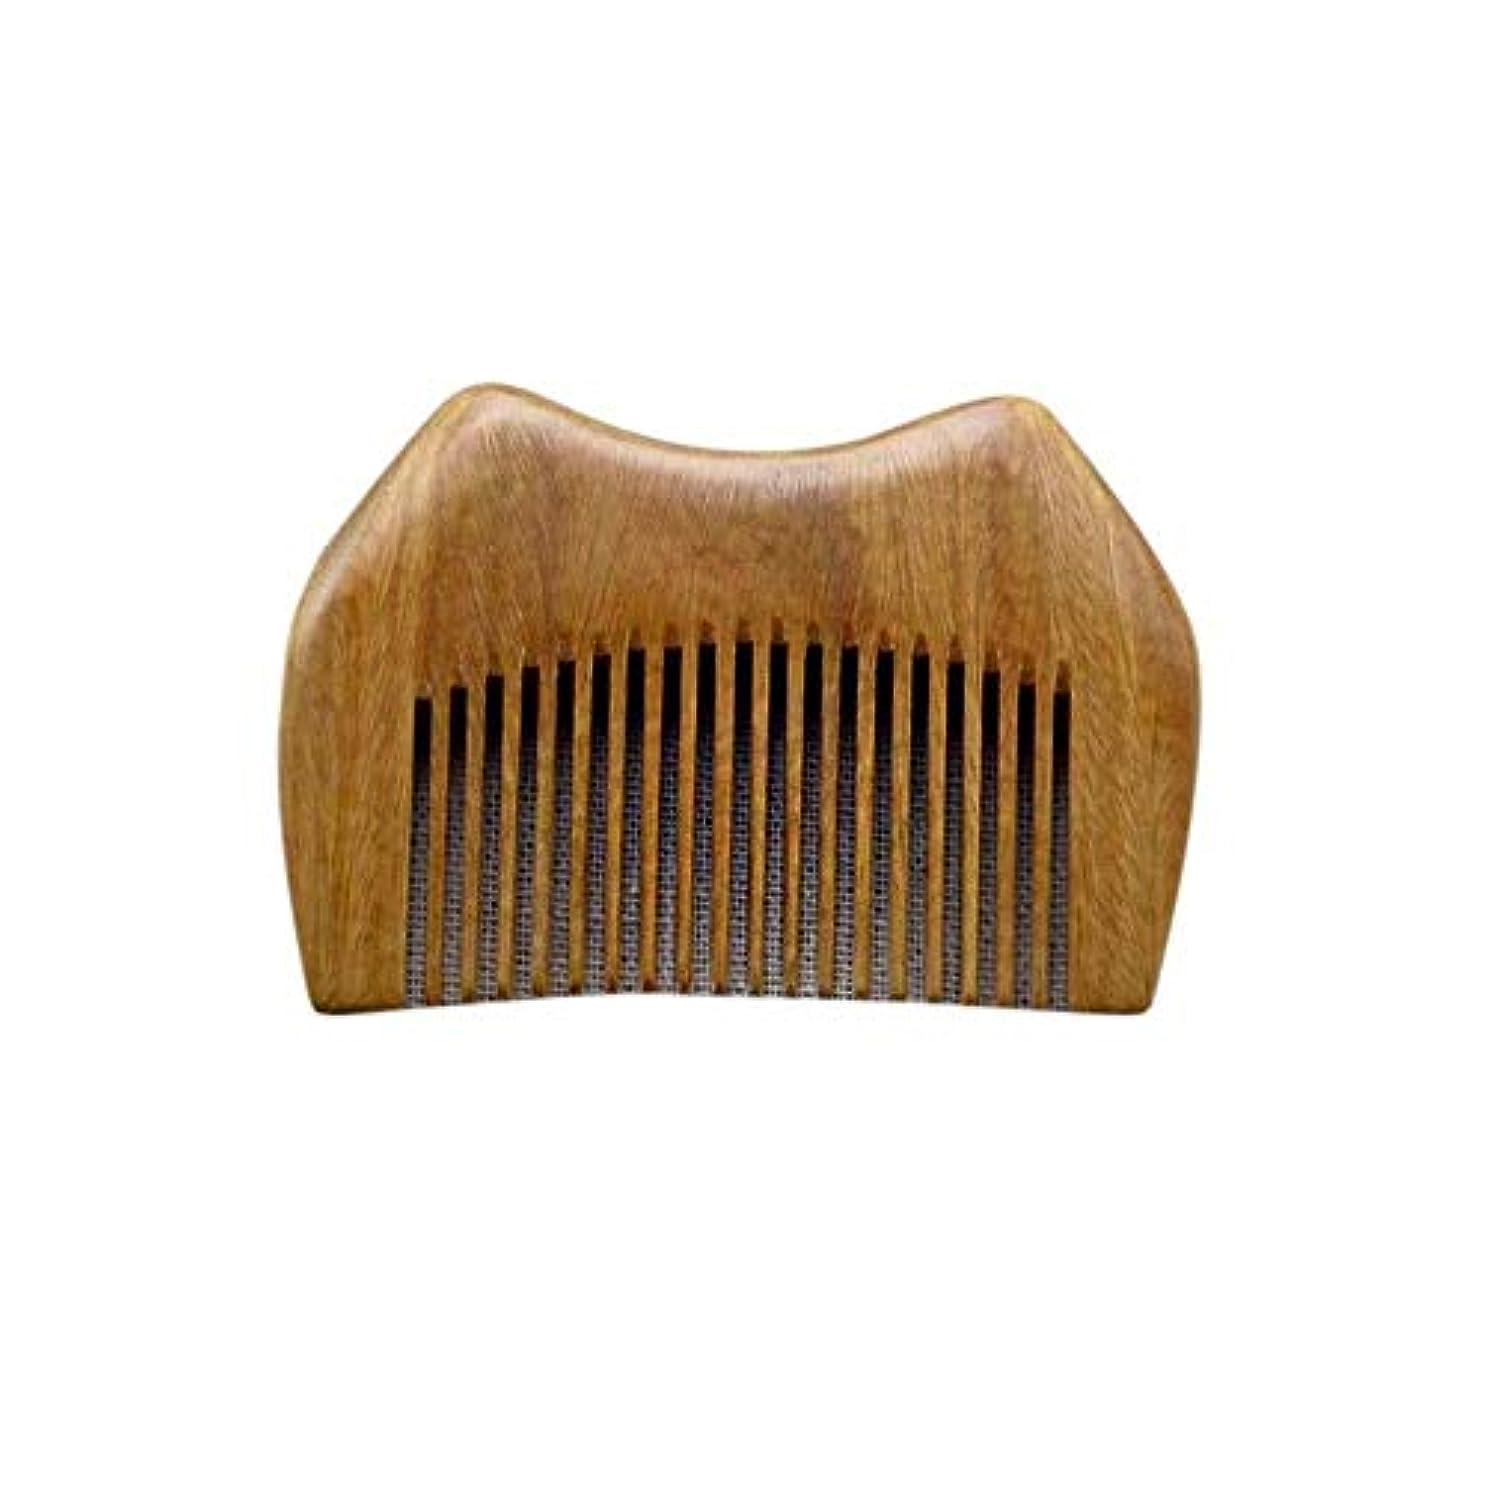 移行司令官海峡ヘアコーム理髪くし ショートハンドルに静的なグリーンサンダルウッドくし手作りの木製くし ヘアスタイリングコーム (Color : Photo color)